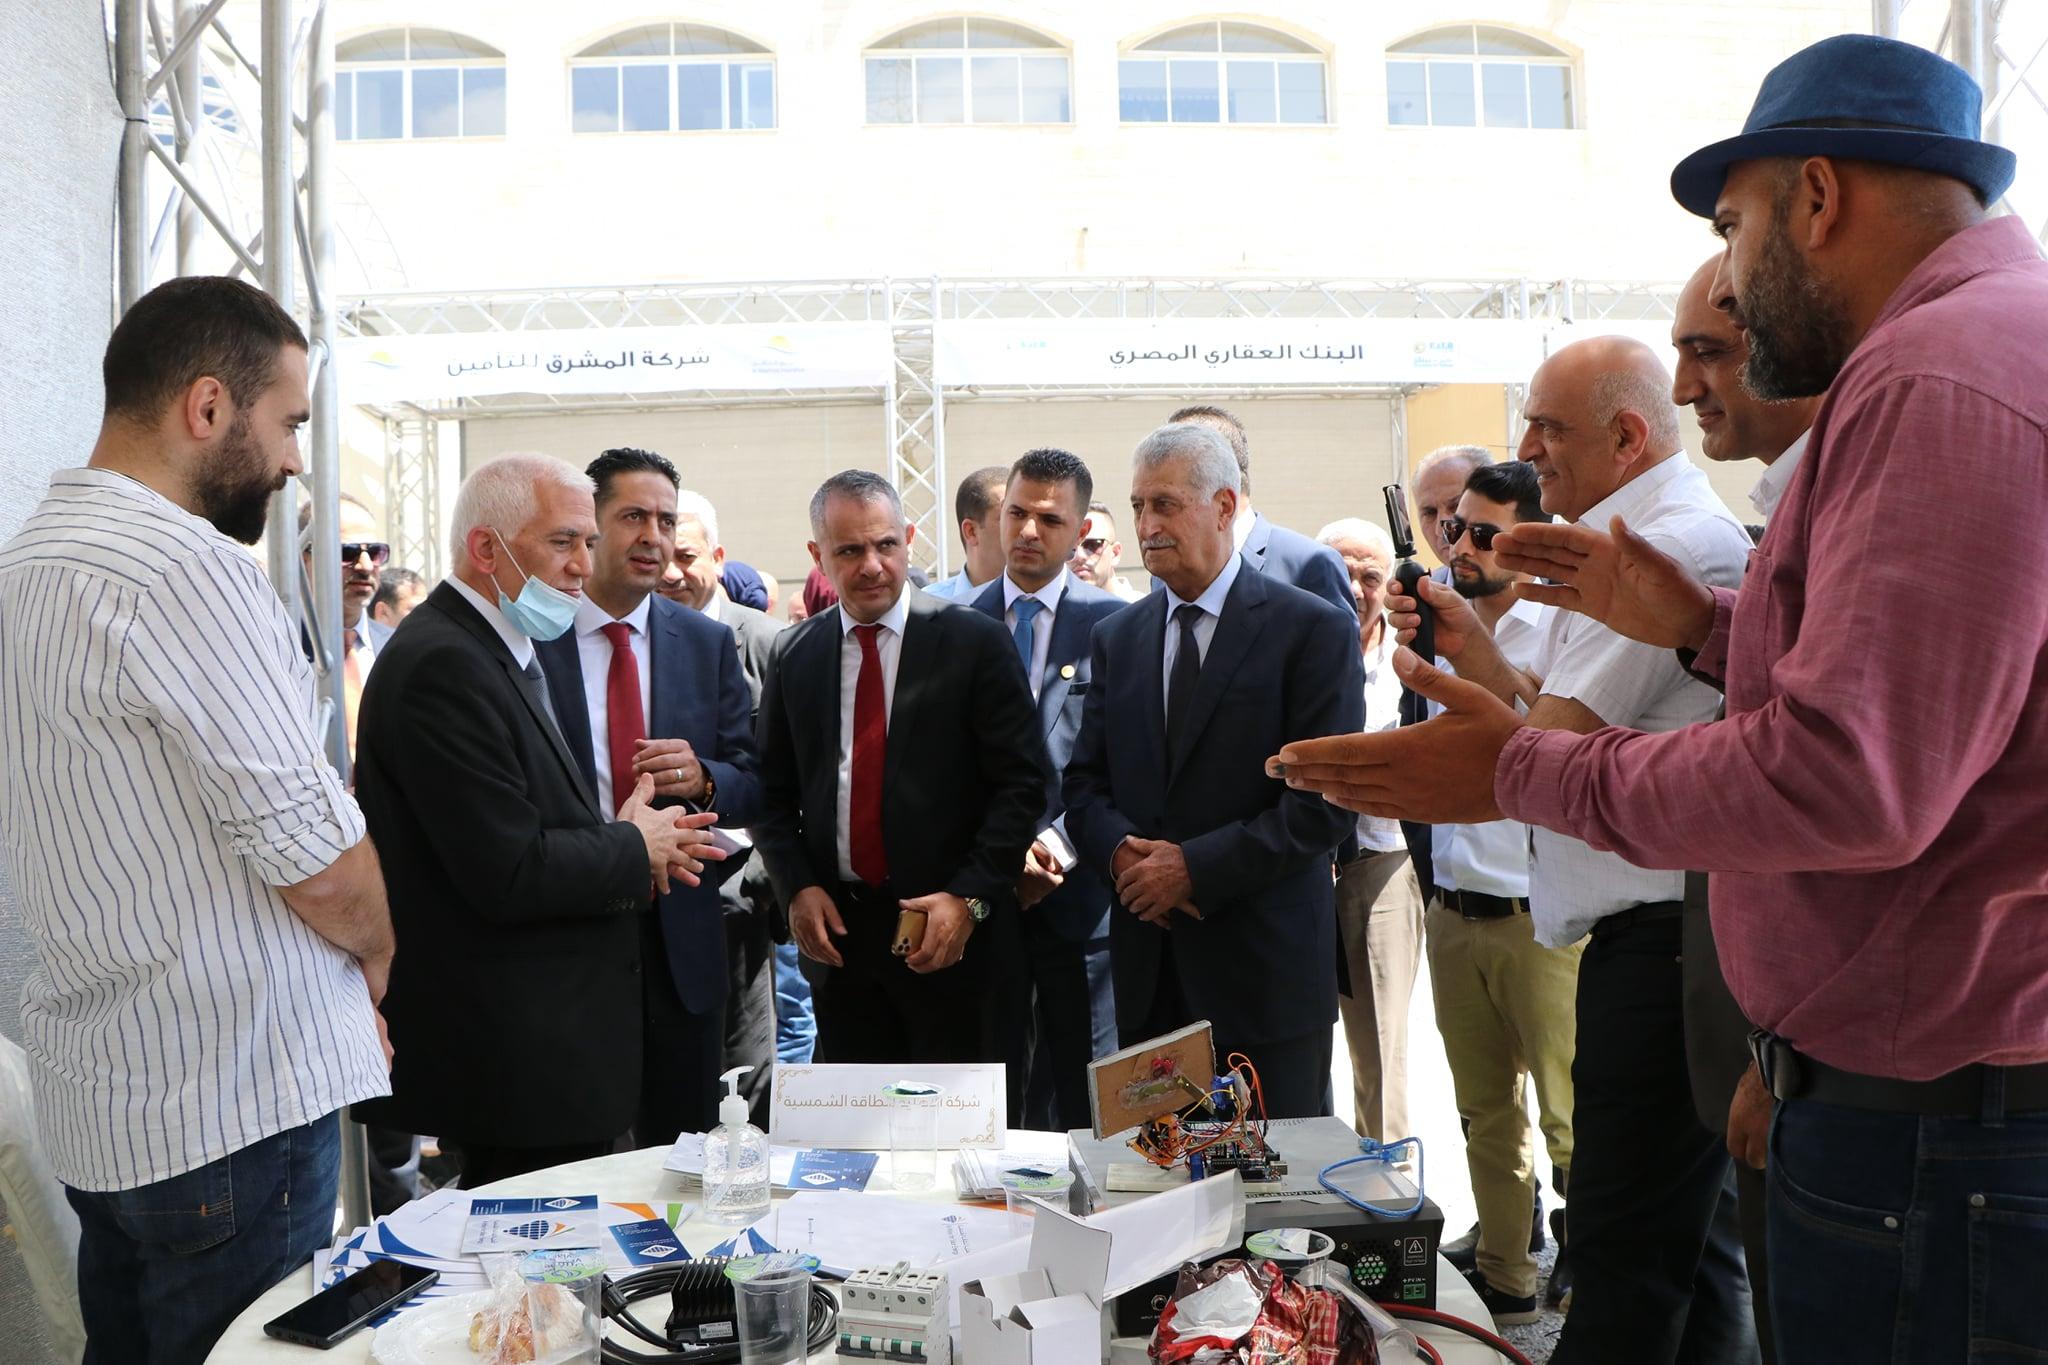 جامعة فلسطين الأهلية تطلق فعاليات يوم التوظيف 2021